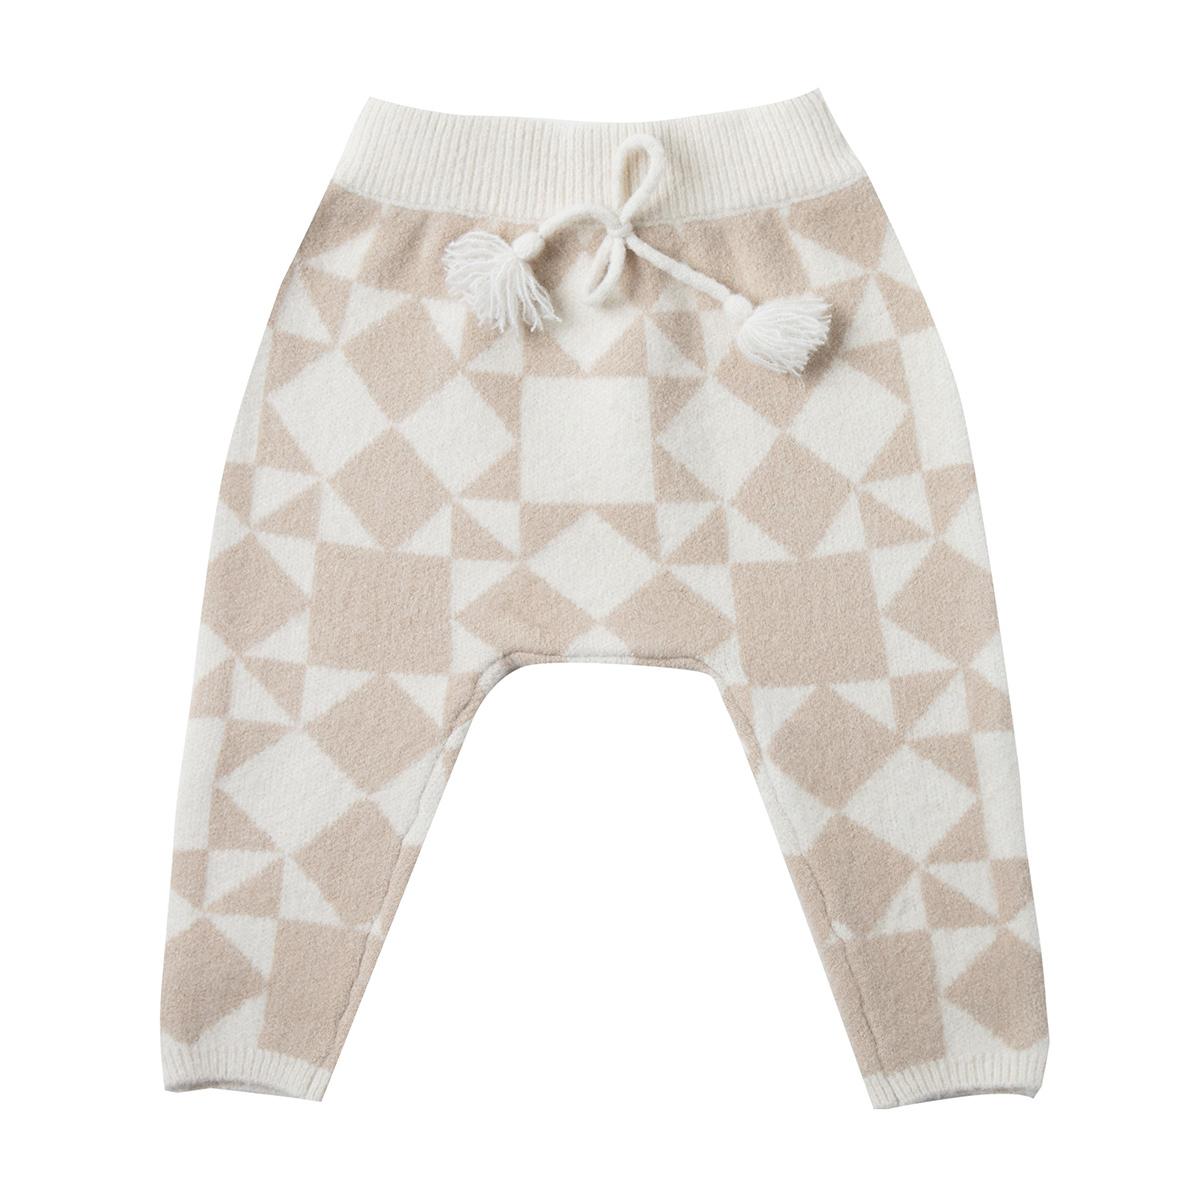 Bas Bébé Pantalon Patchwork Jacquard Ivoire - 3/6 Mois Pantalon Patchwork Jacquard Ivoire - 3/6 Mois